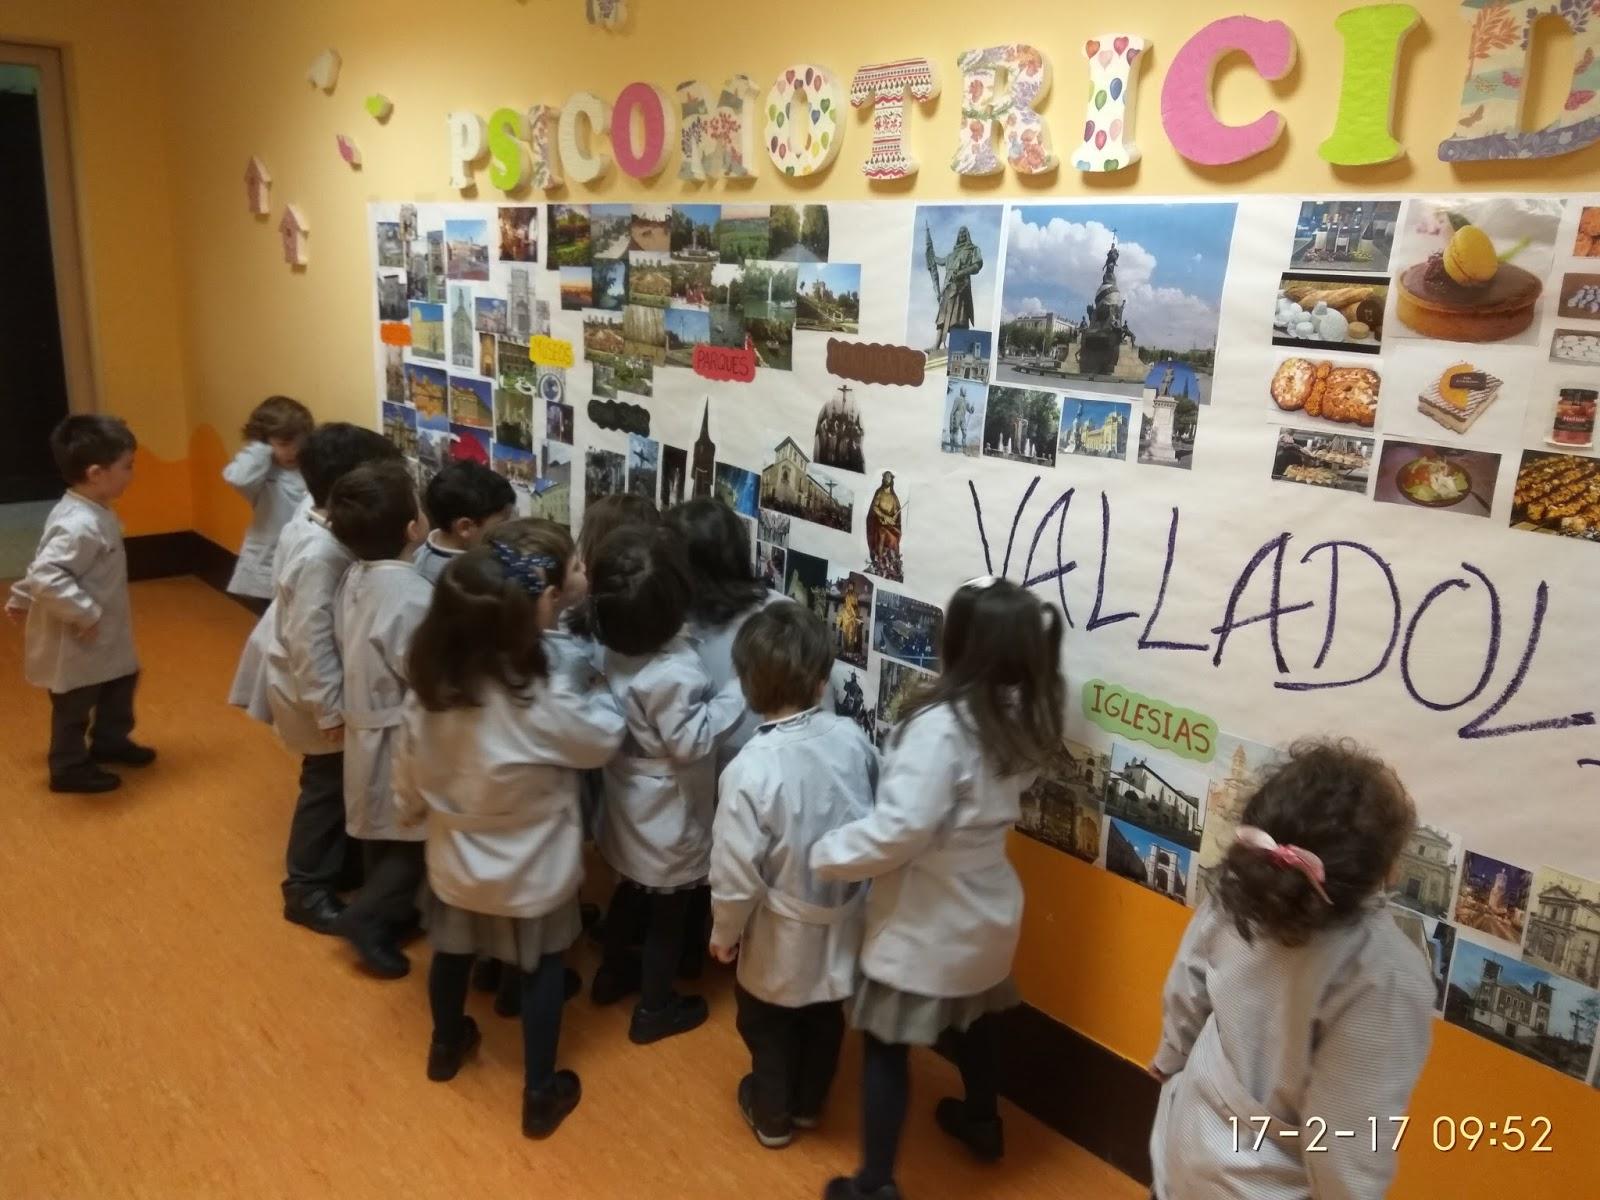 Agustinas Valladolid - 2017 - Infantil - Día Señalado Valladolid 4